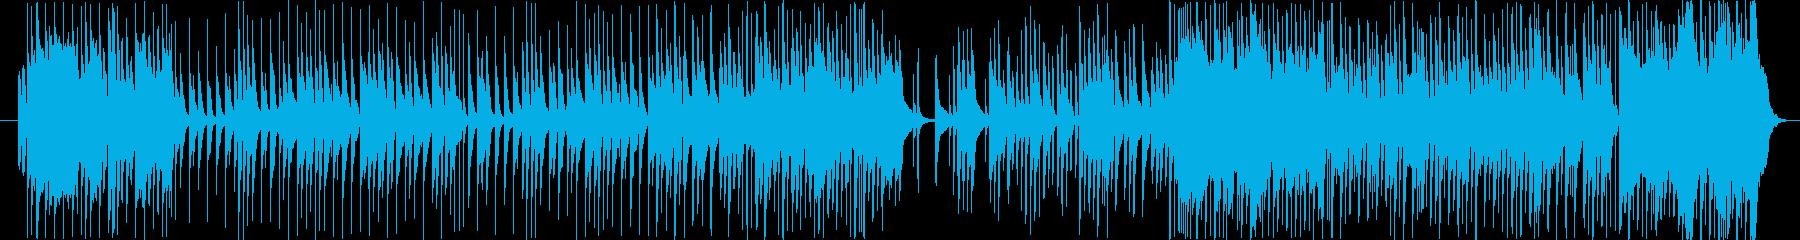 大きな栗の木の下で 【沖縄風アレンジ】の再生済みの波形